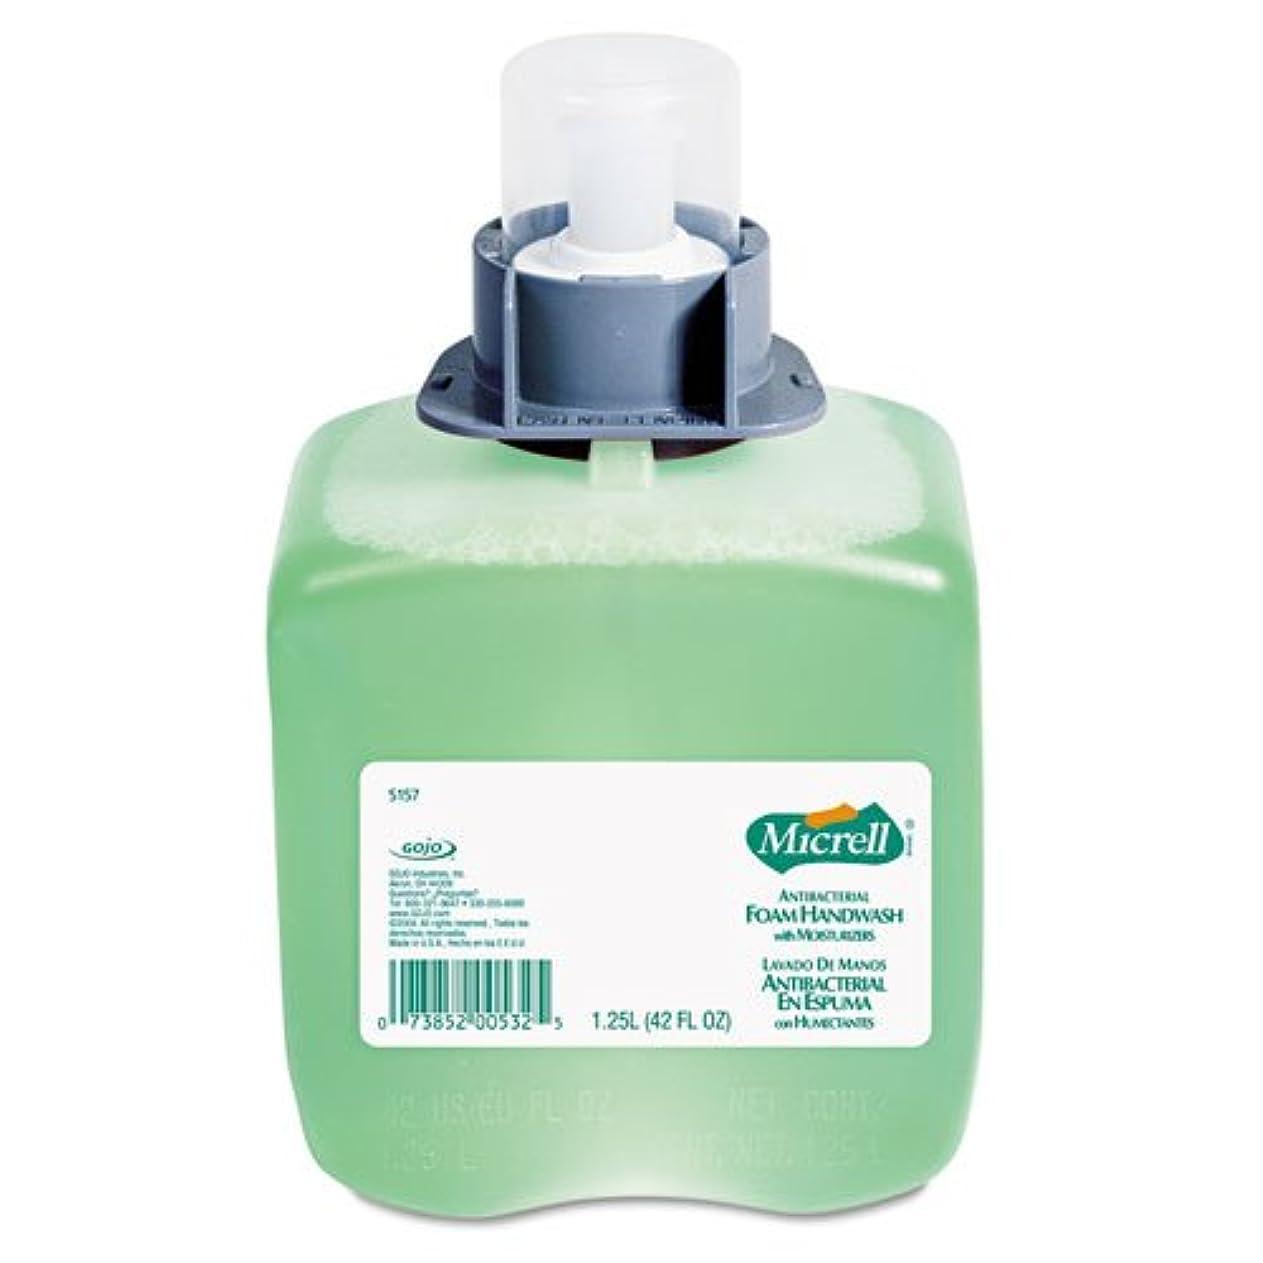 オンス座標アクティブgoj515703 – MICRELL 5157 – 03抗菌フォームHandwash